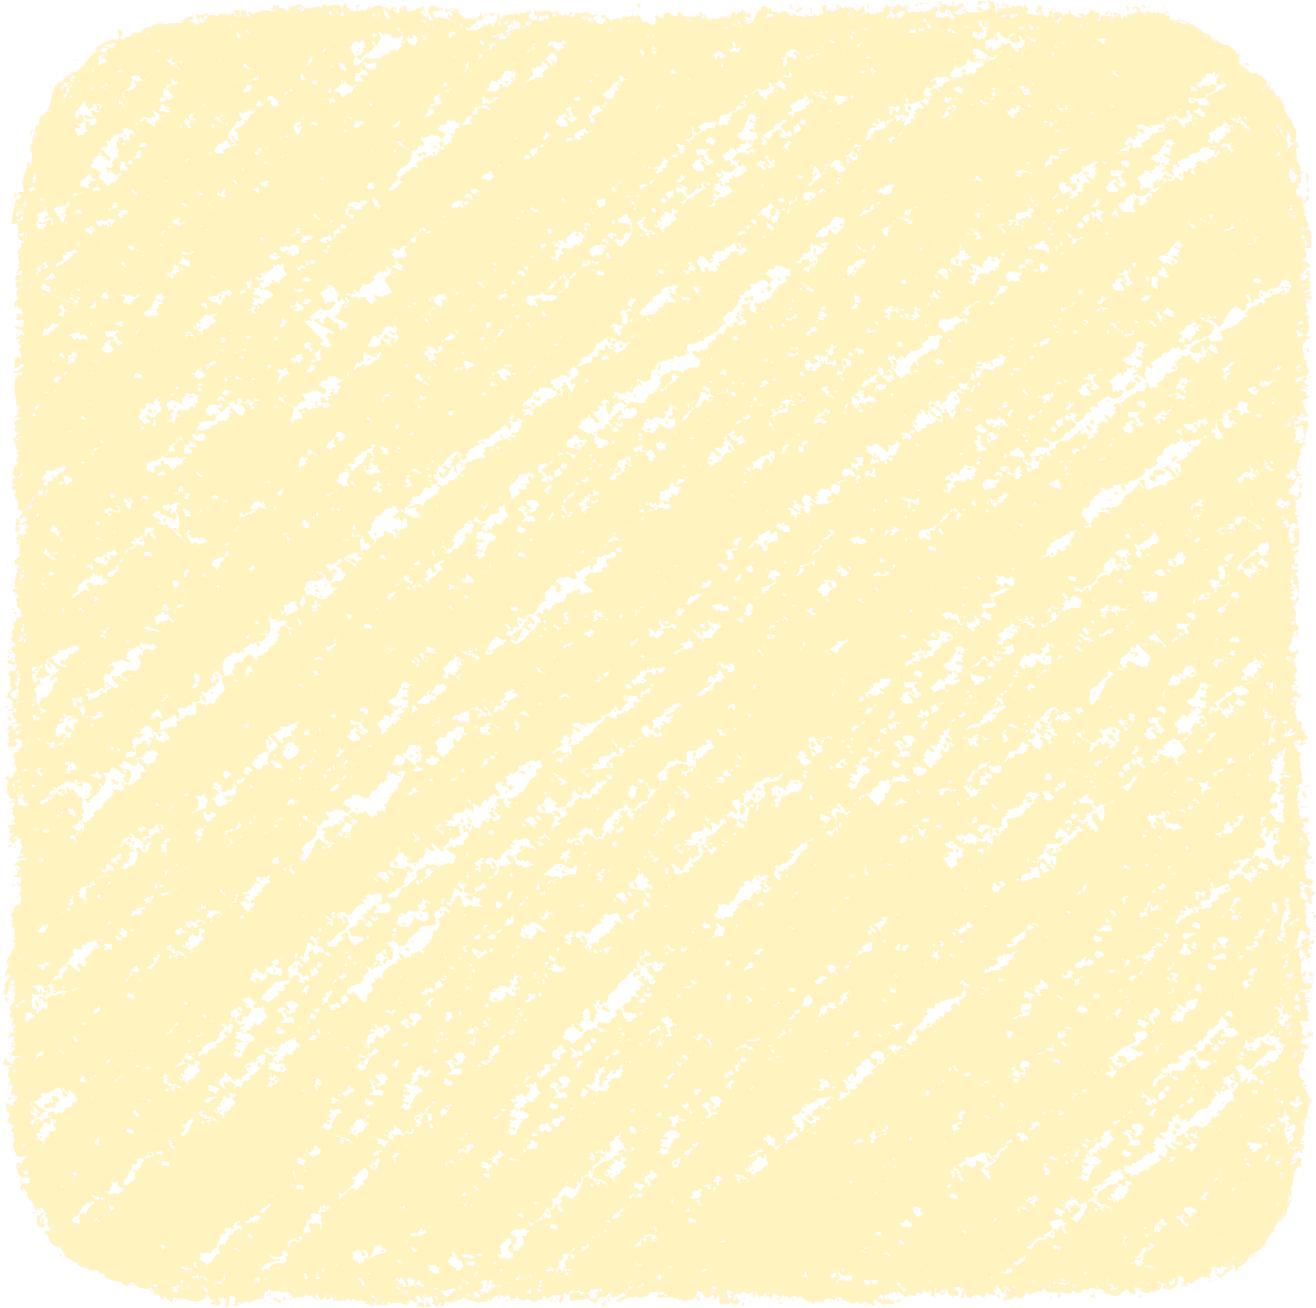 クレヨン塗り背景 パステル 黄色 新(イエロー)四角のイラスト square_yellow